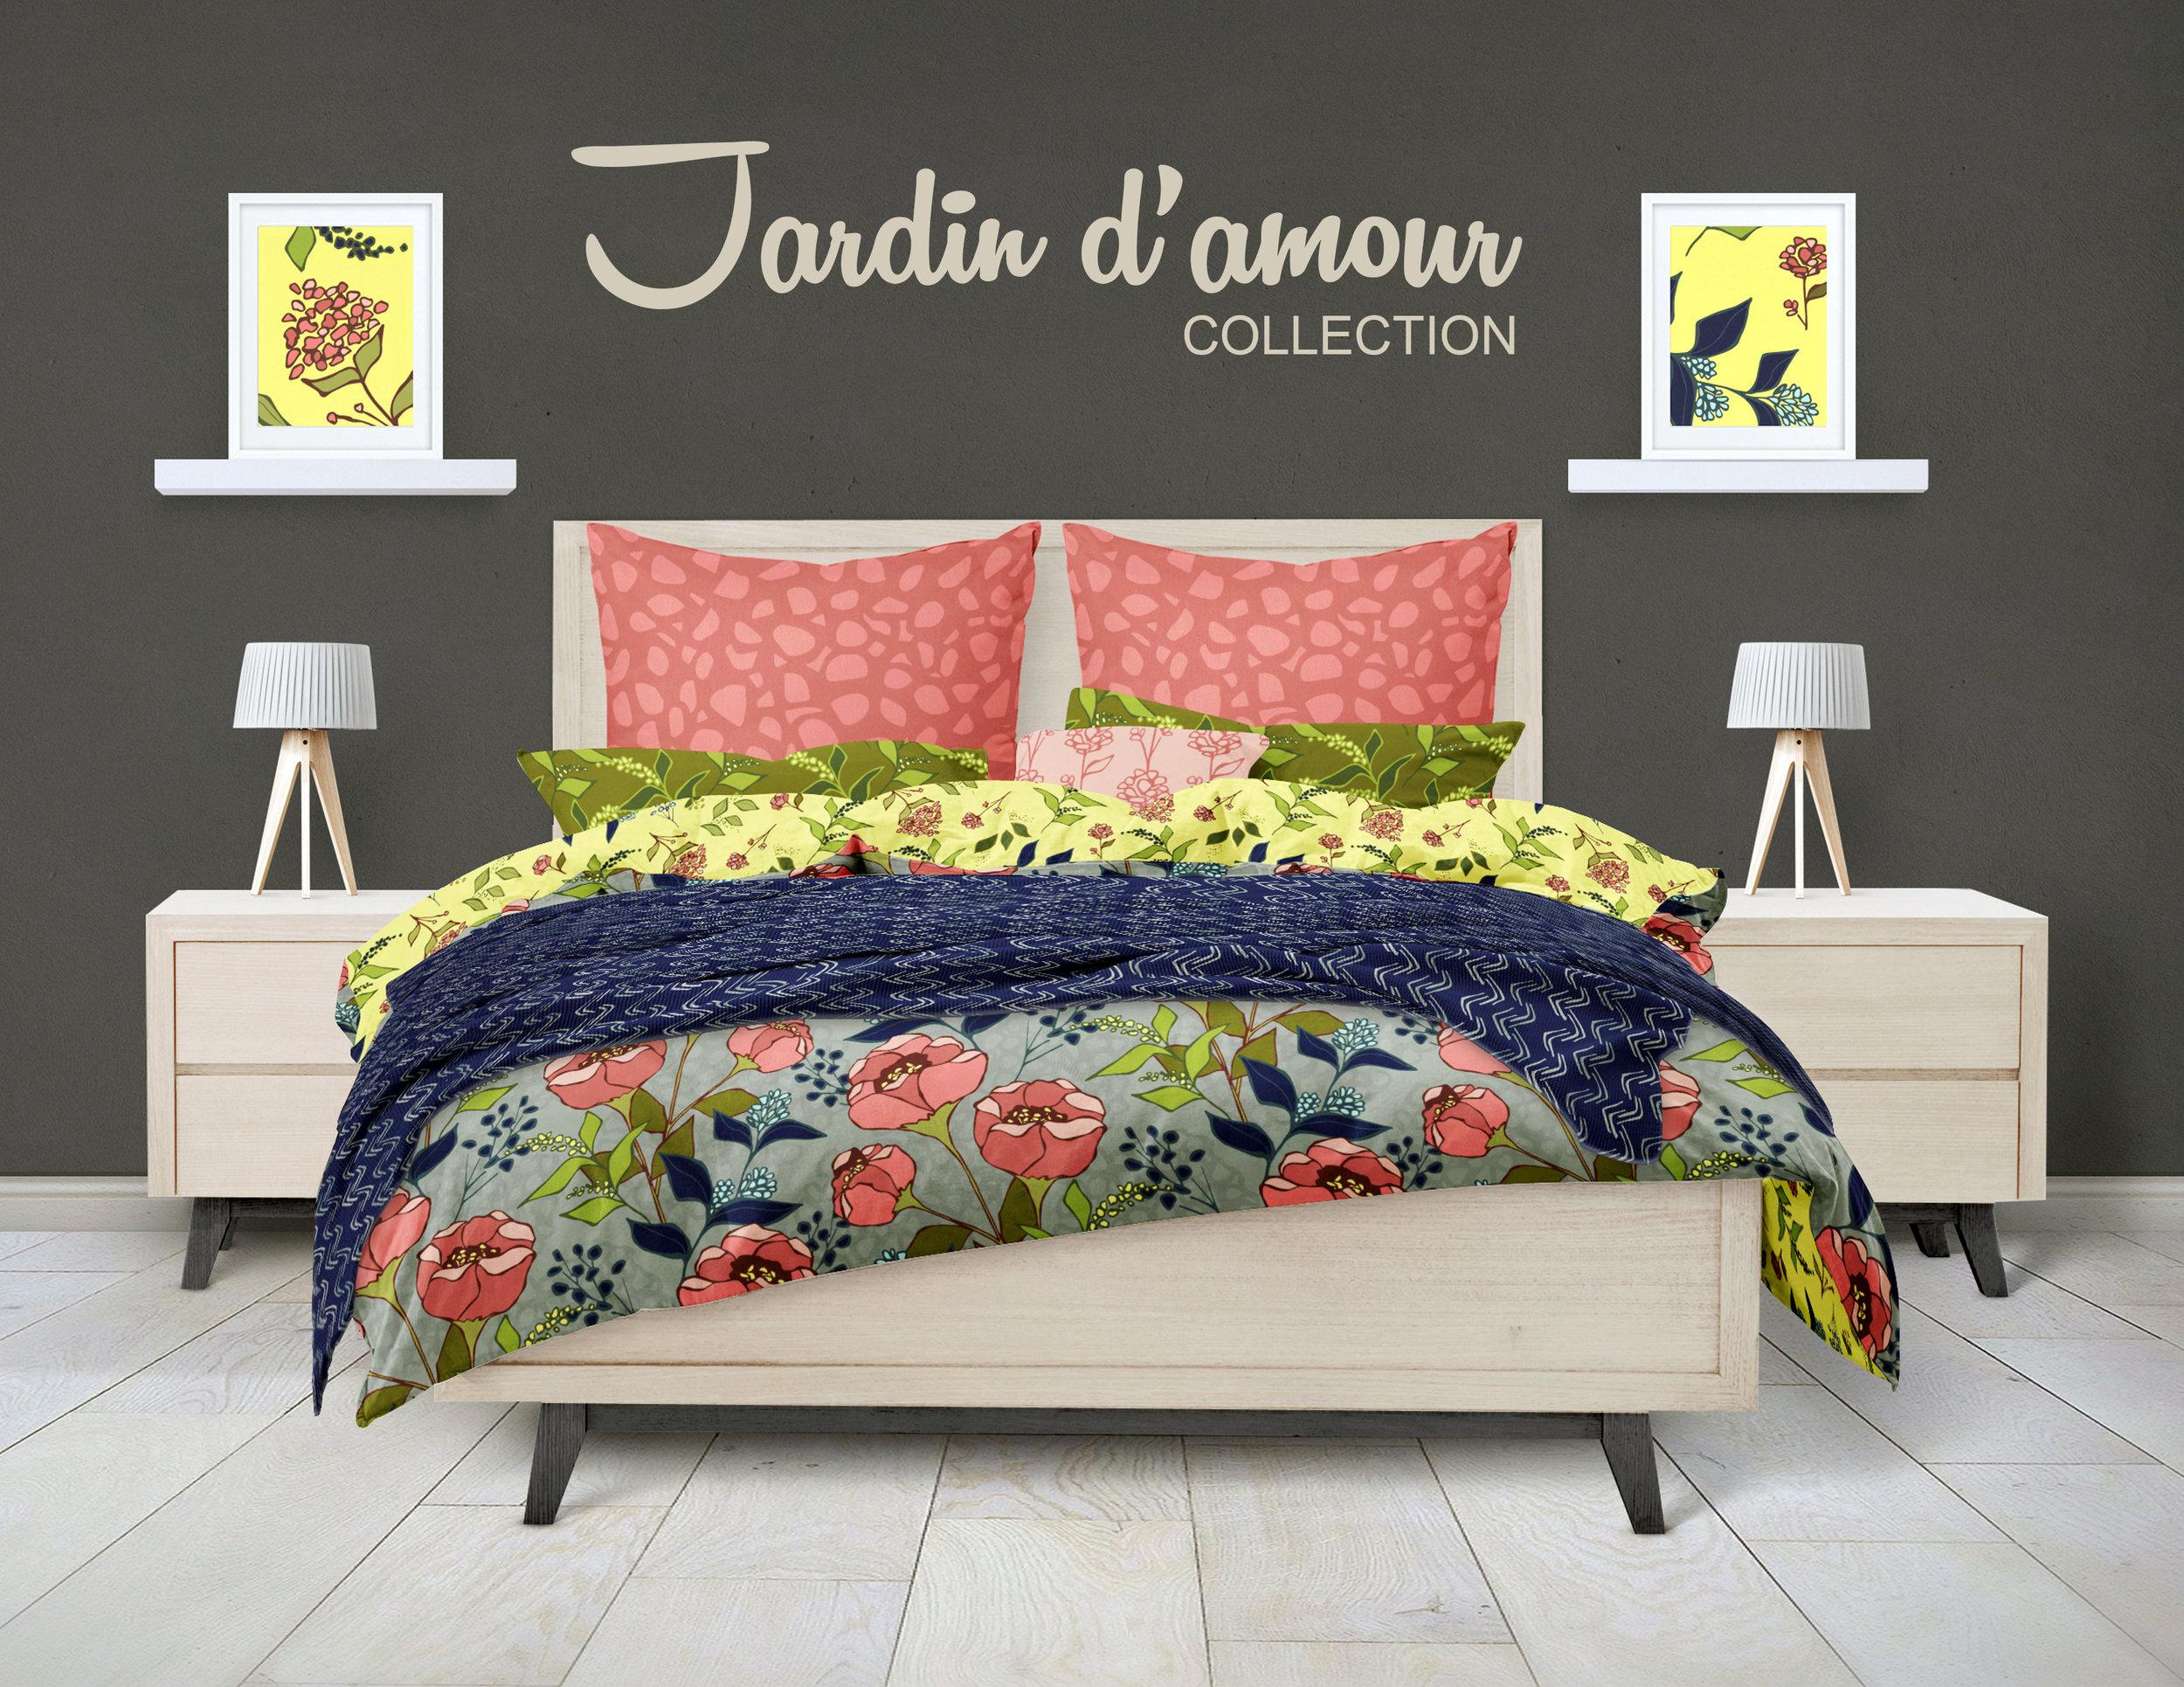 10 Jardin d'amour patterned mockups.jpg